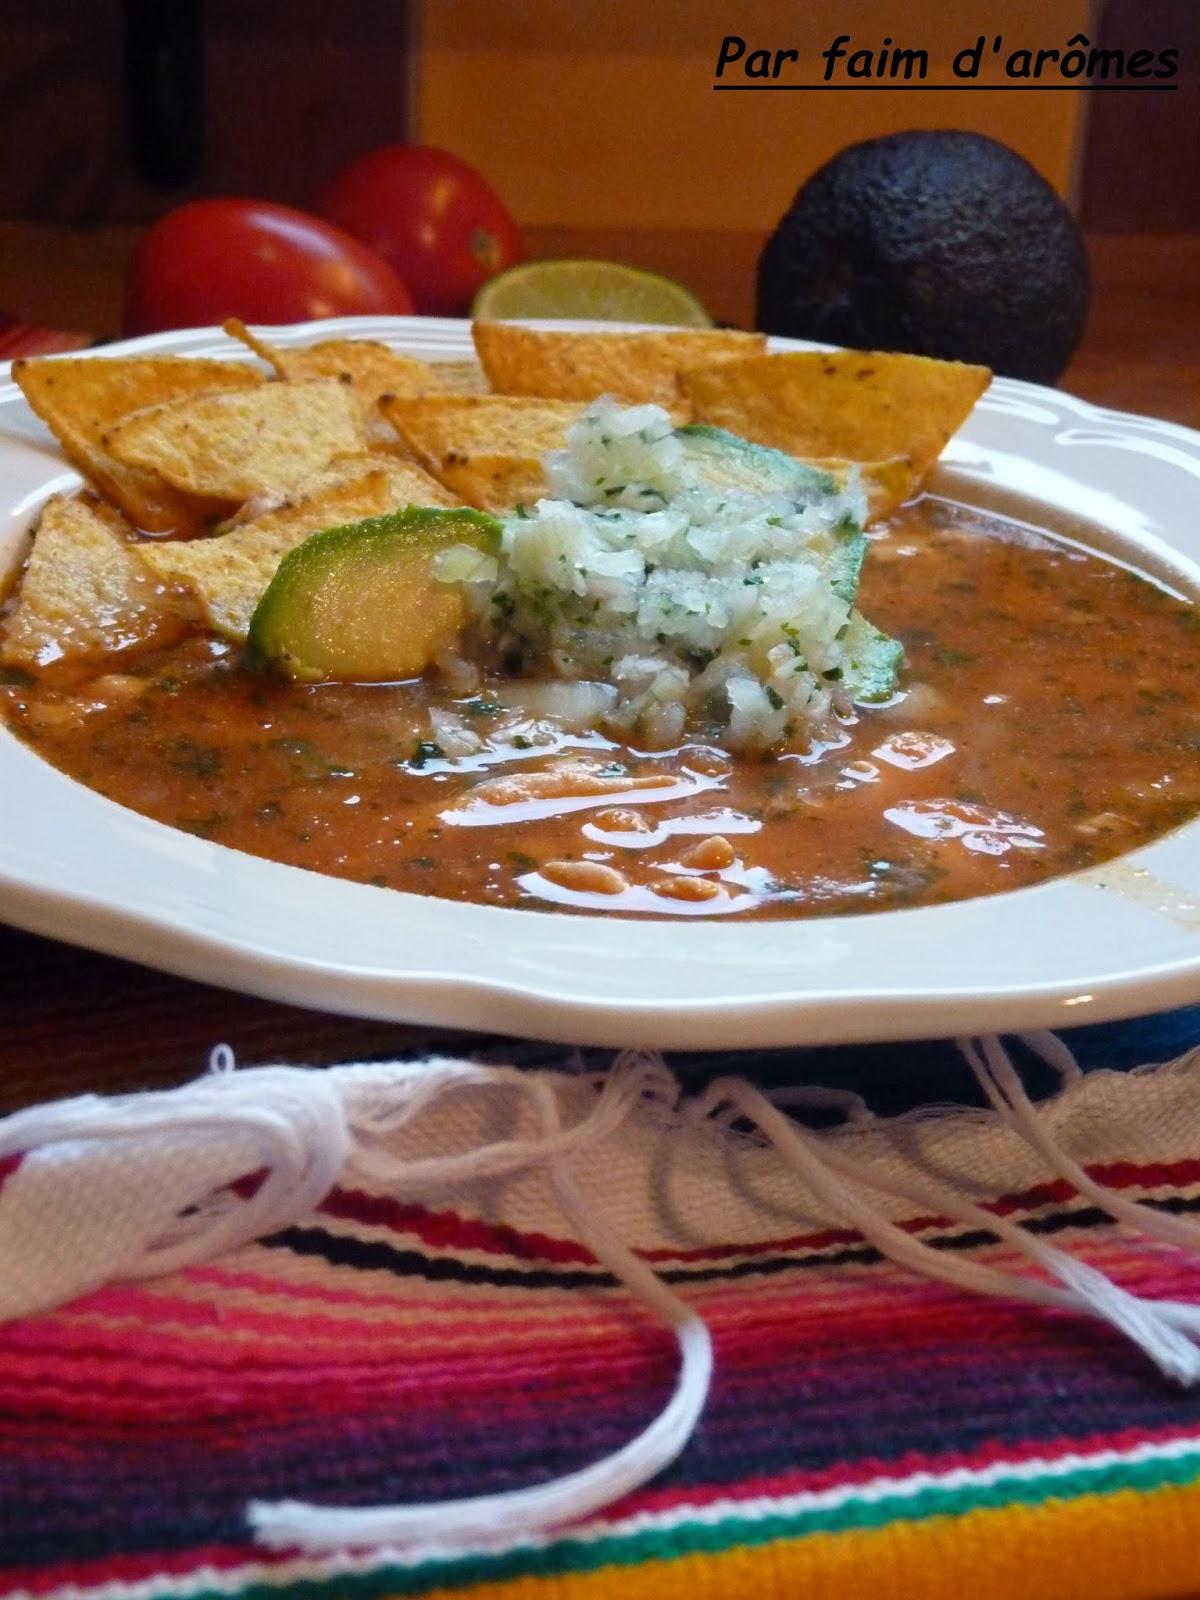 Soupe de tortilla - Sopa de tortillas #Battle food 16